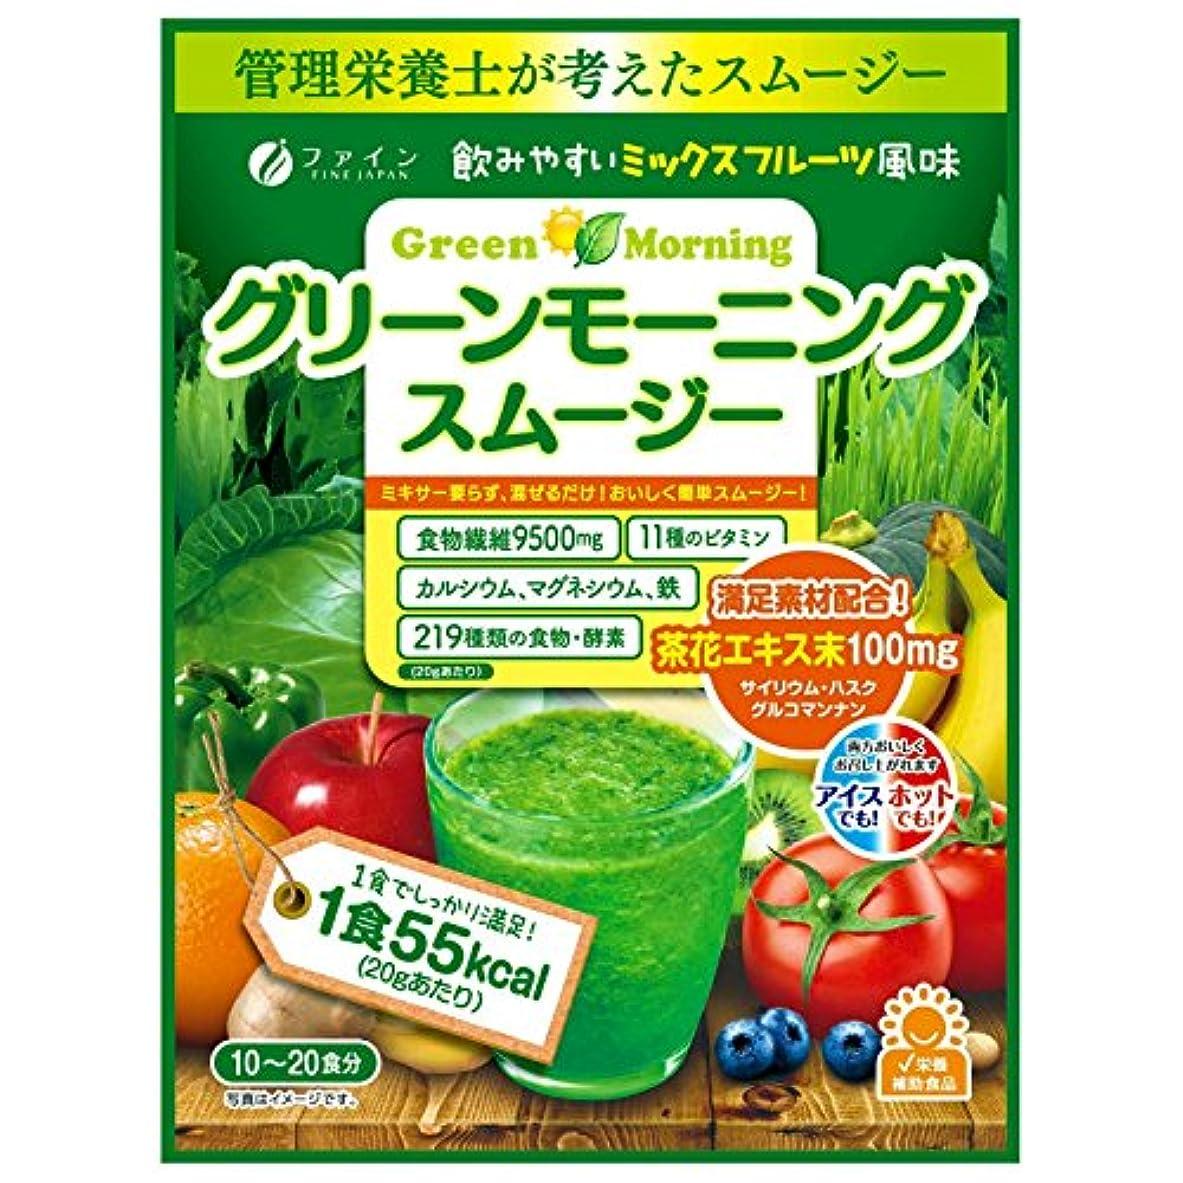 ウイルス毒液構造的ファイン グリーンモーニングスムージー ミックスフルーツ風味 200g×4個セット